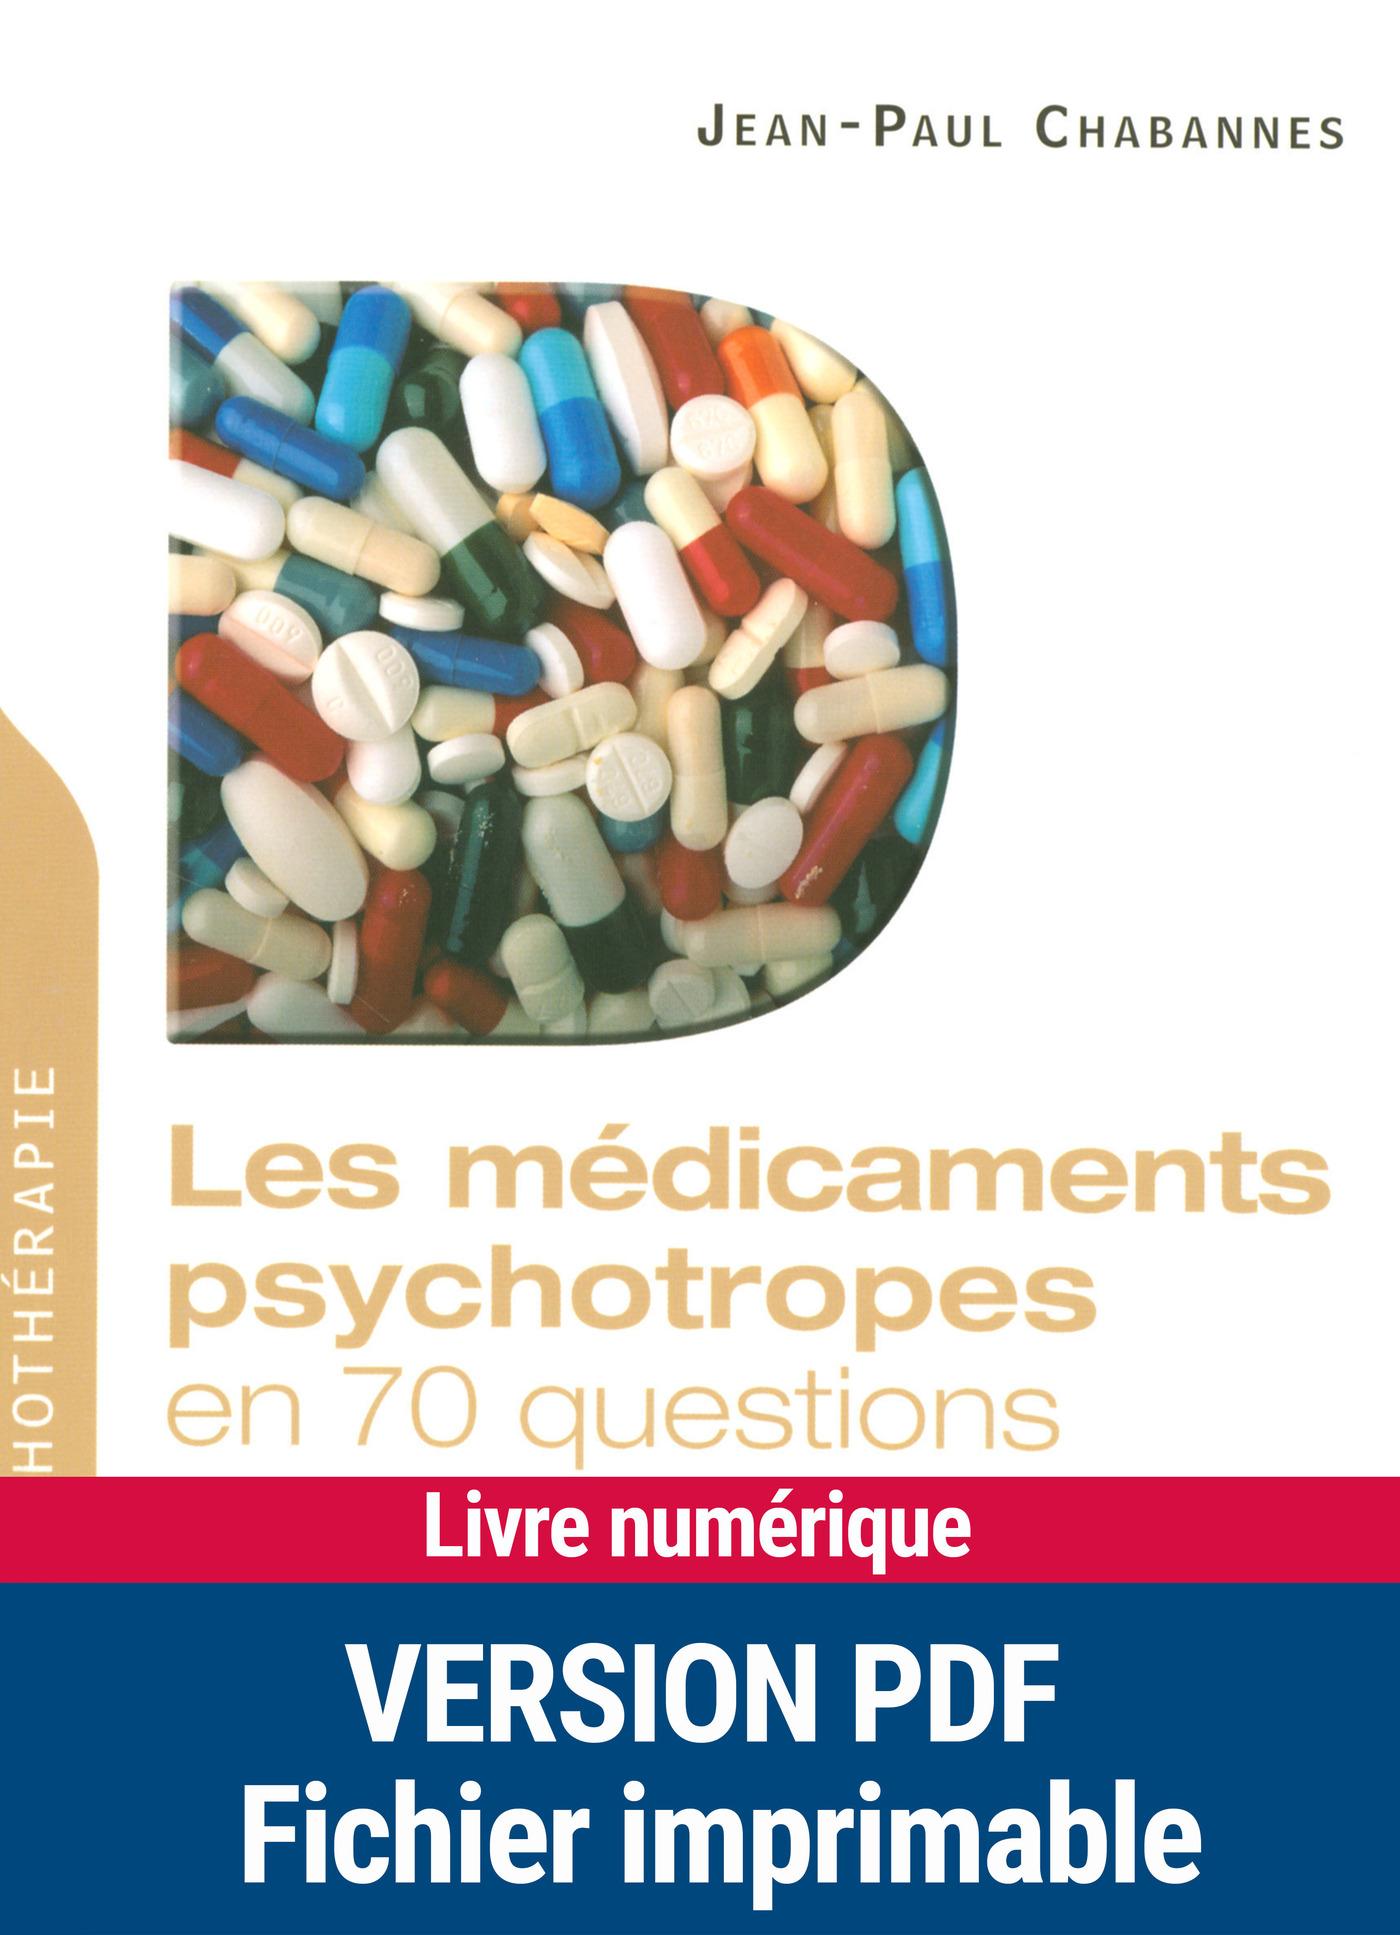 Les médicaments psychotropes en 70 questions